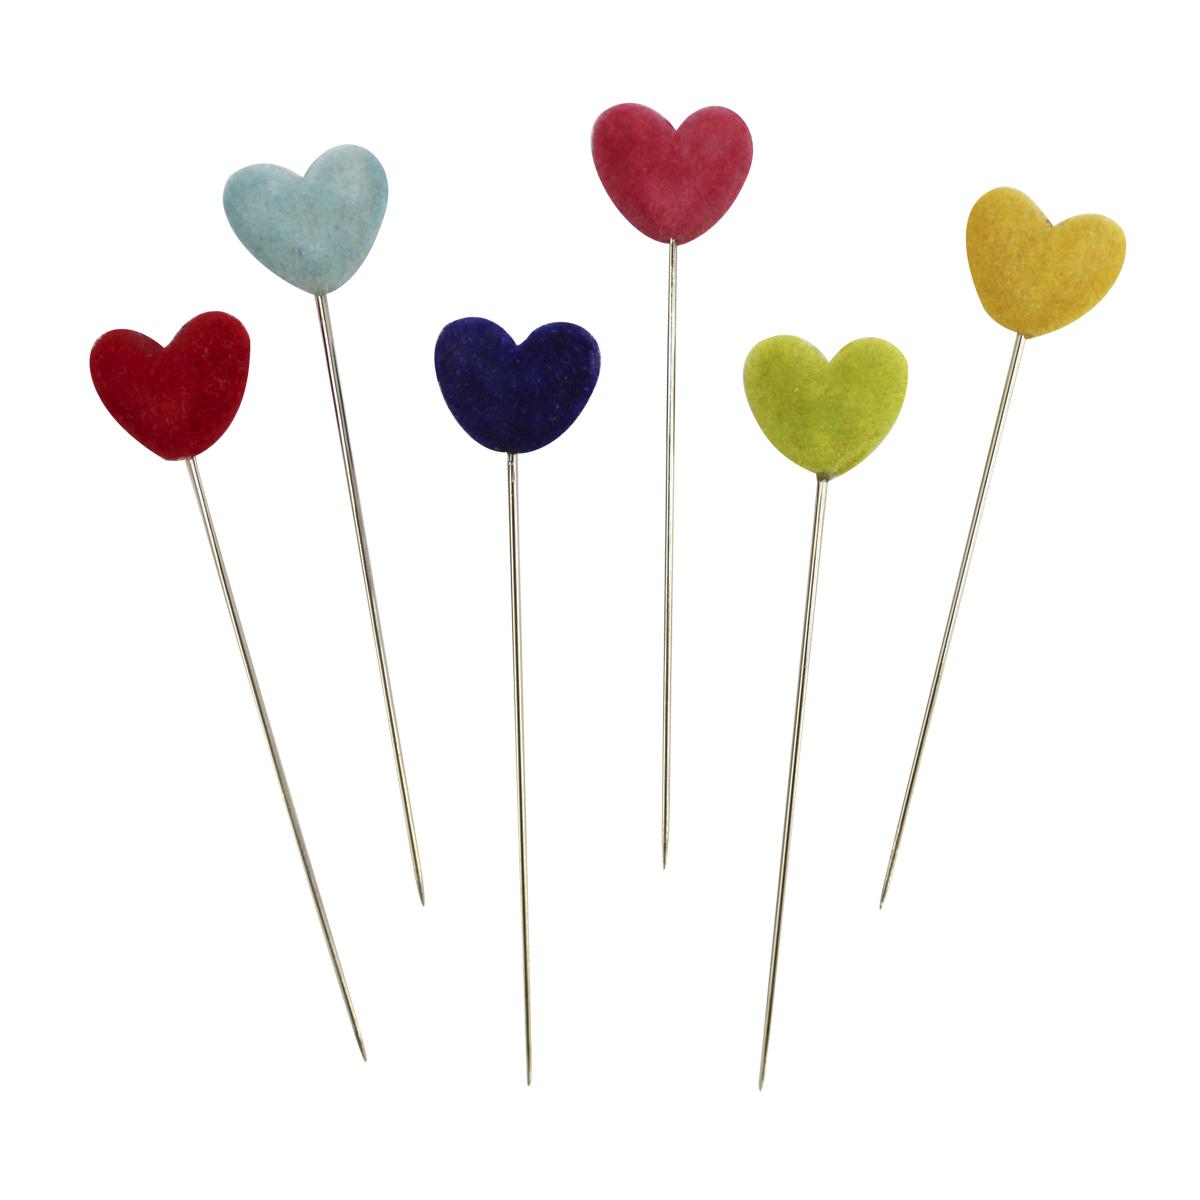 Булавки декоративные Астра с цветными сердечками, 6 шт. H17-L13787714204Булавки используются для творчества и декорирования. В упаковке 6 булавочек.